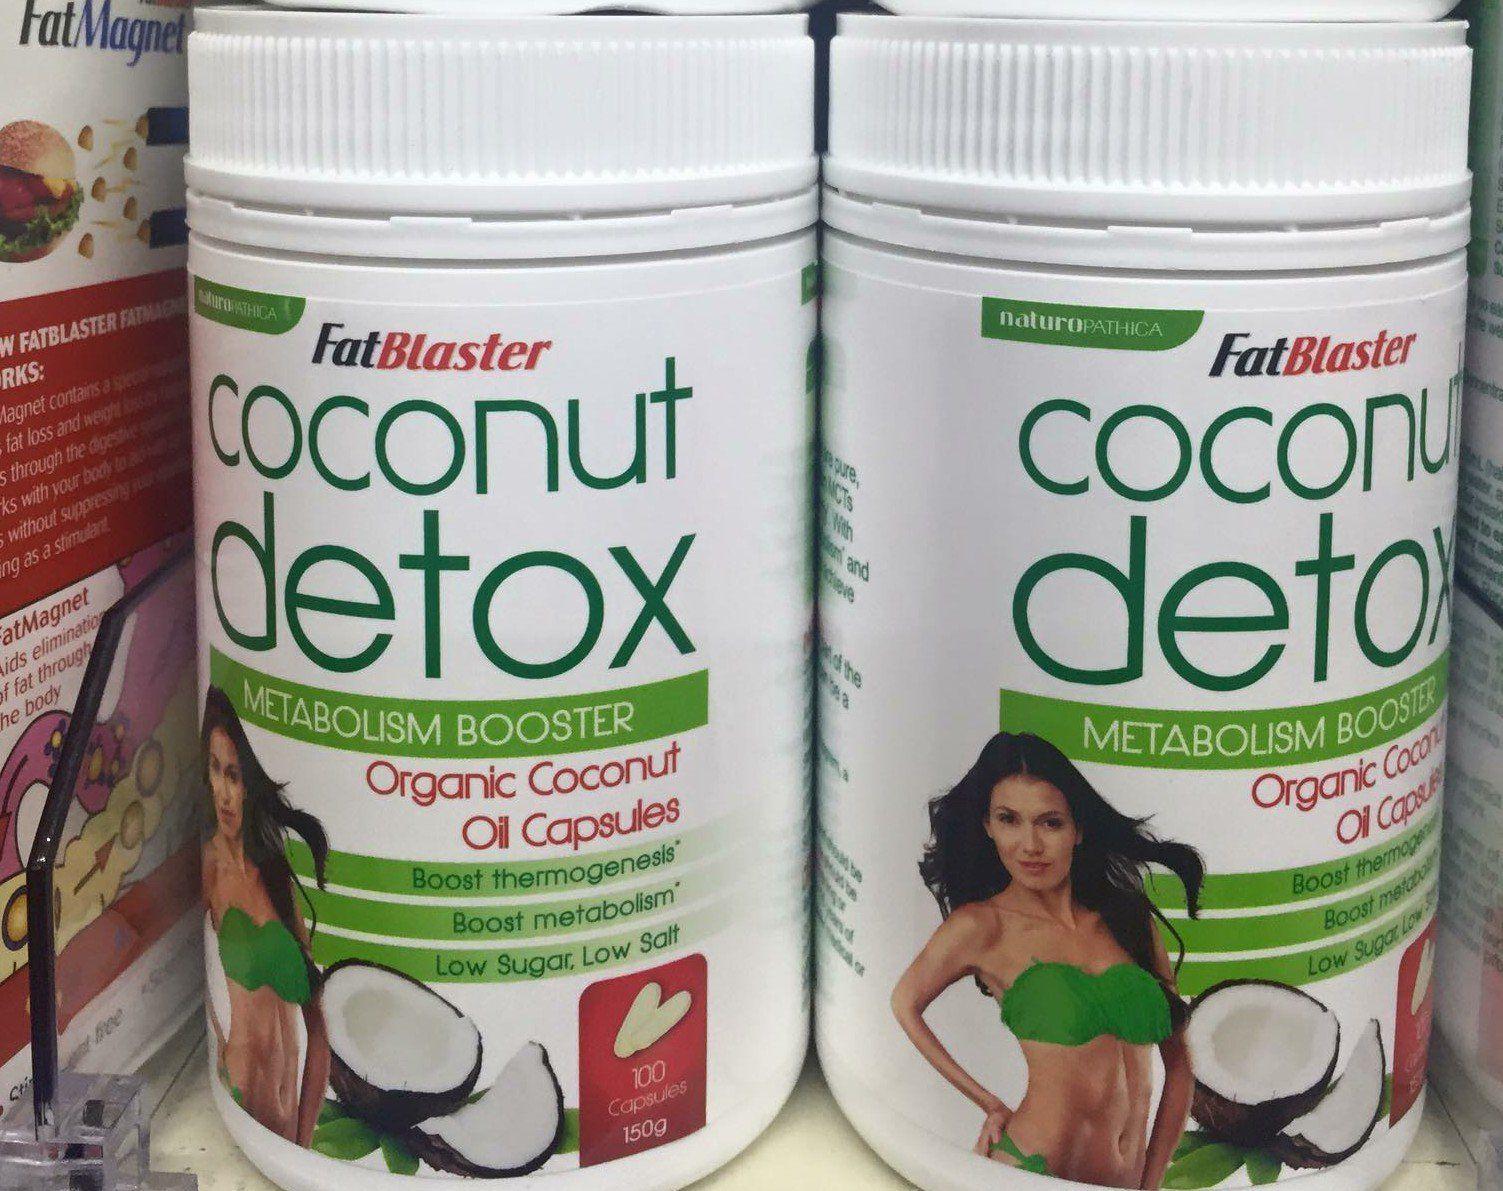 Viên uống giảm cân Naturopathica Fatblaster Coconut Detox - sản phẩm giảm cân hiệu quả từ Úc